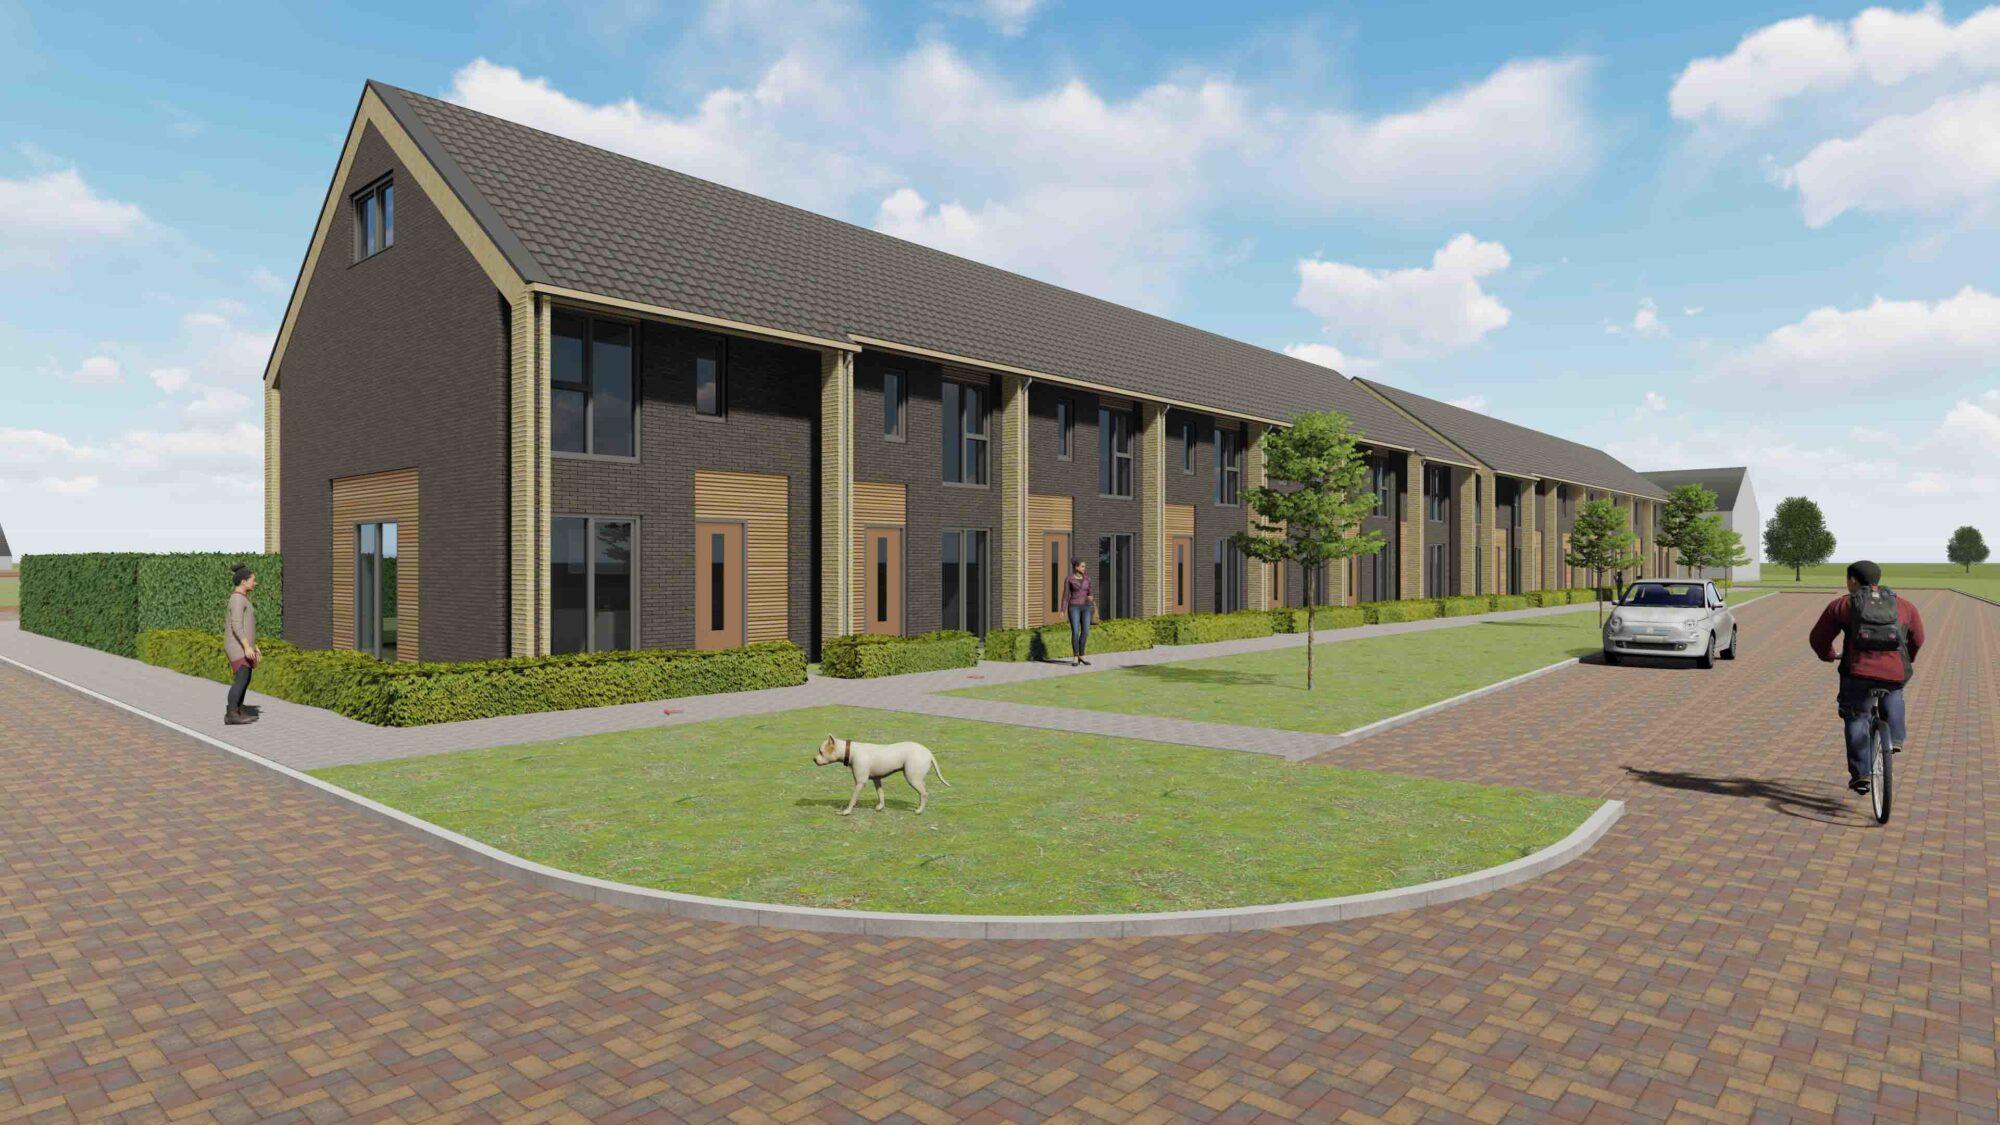 Ons Huis bouwt aan gemengde wijk in Zuidbroek